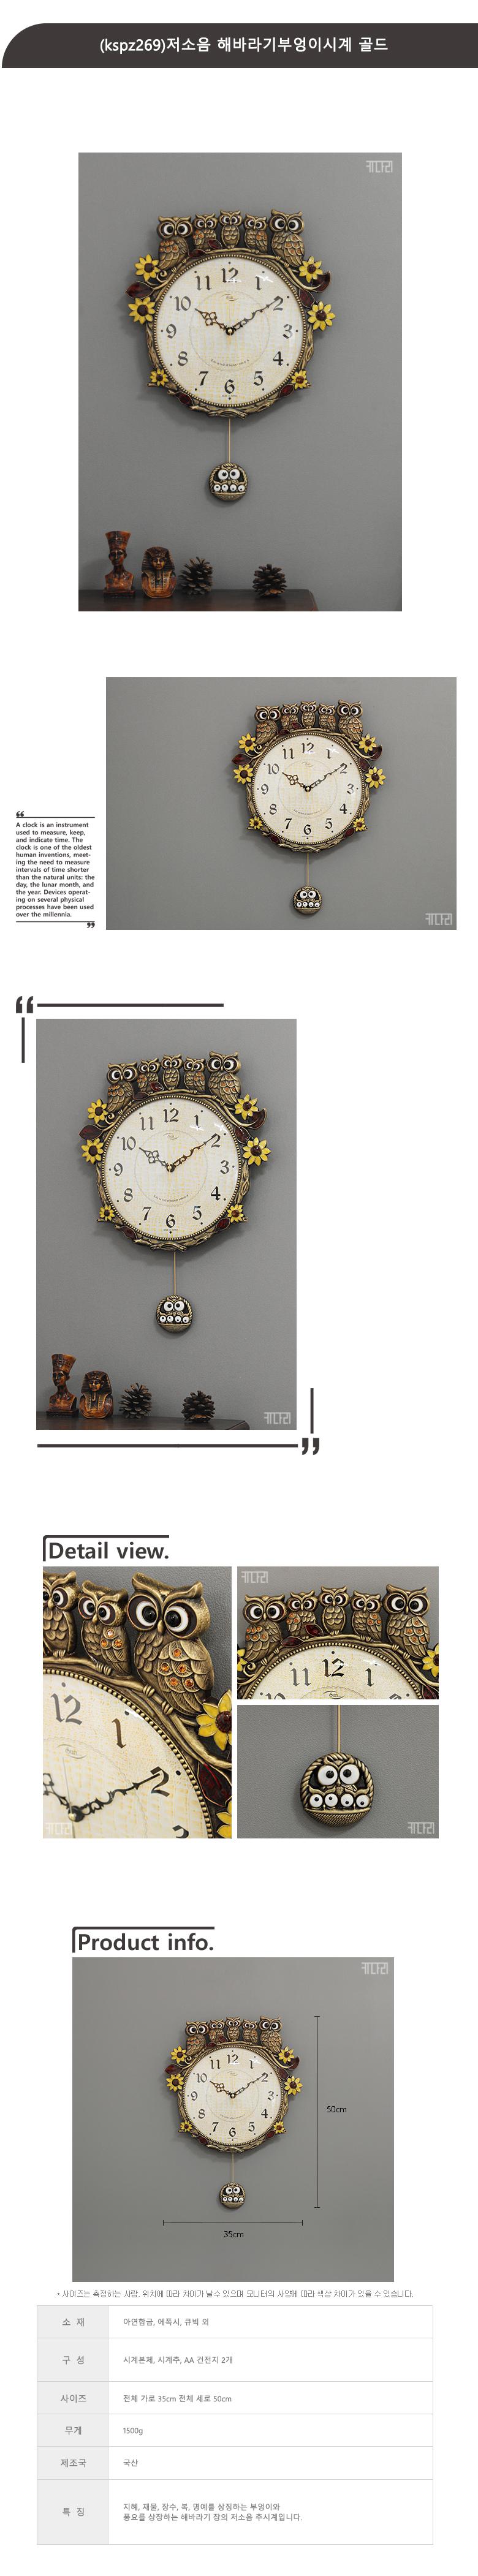 (kspz269)저소음 해바라기부엉이시계 골드 - 키다리, 92,000원, 벽시계, 추벽시계